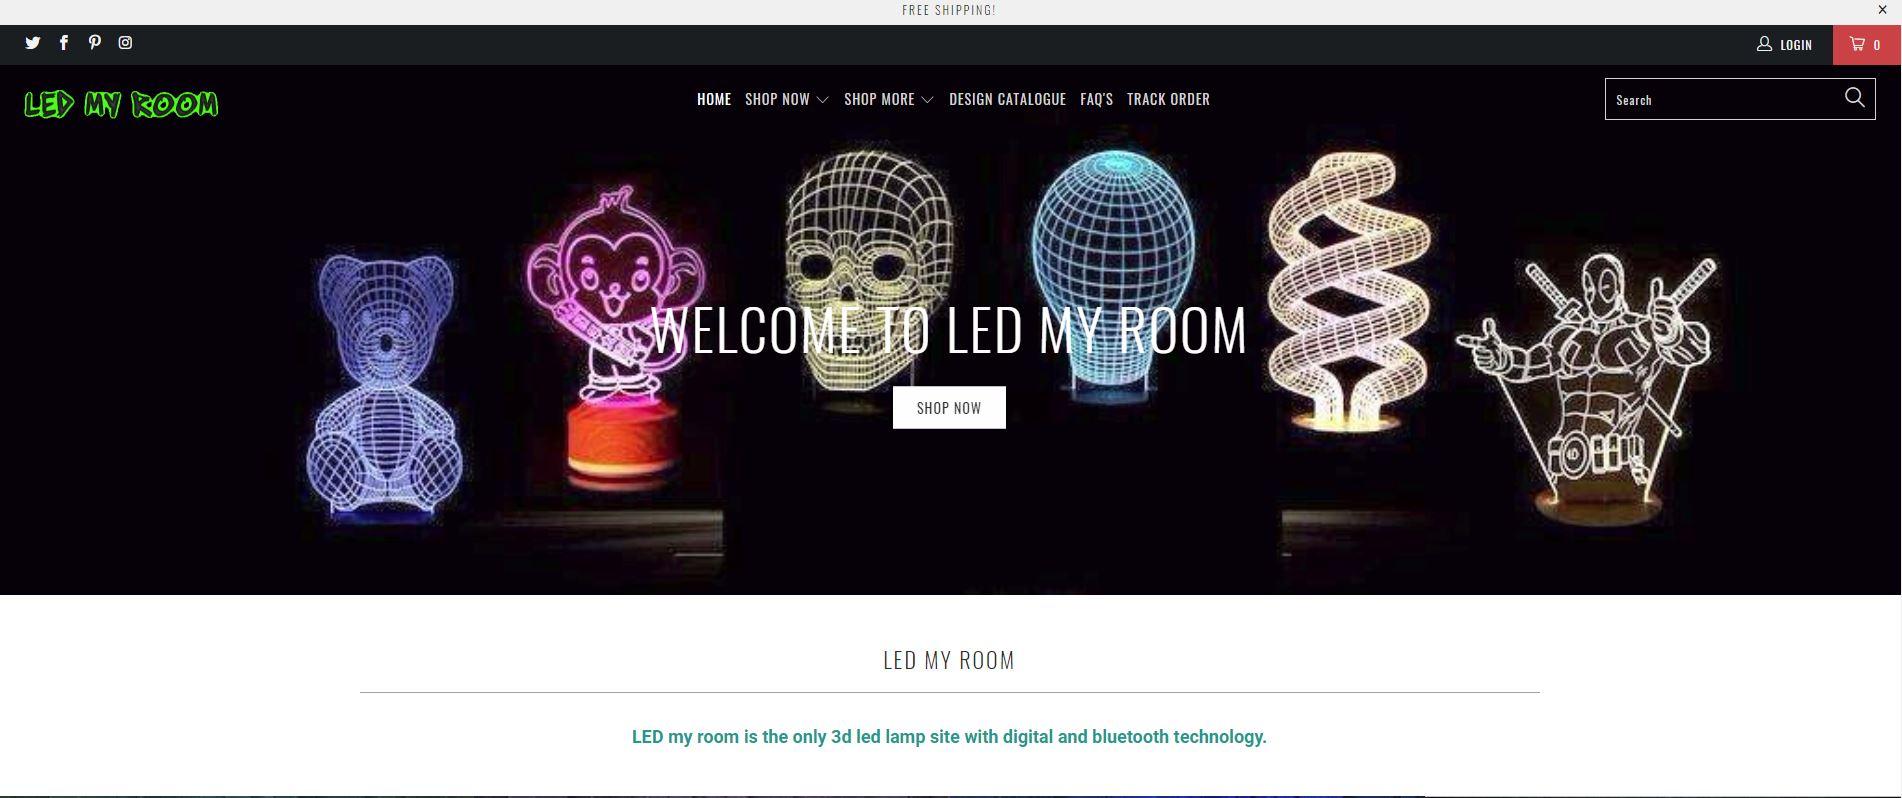 ledmyroom.com